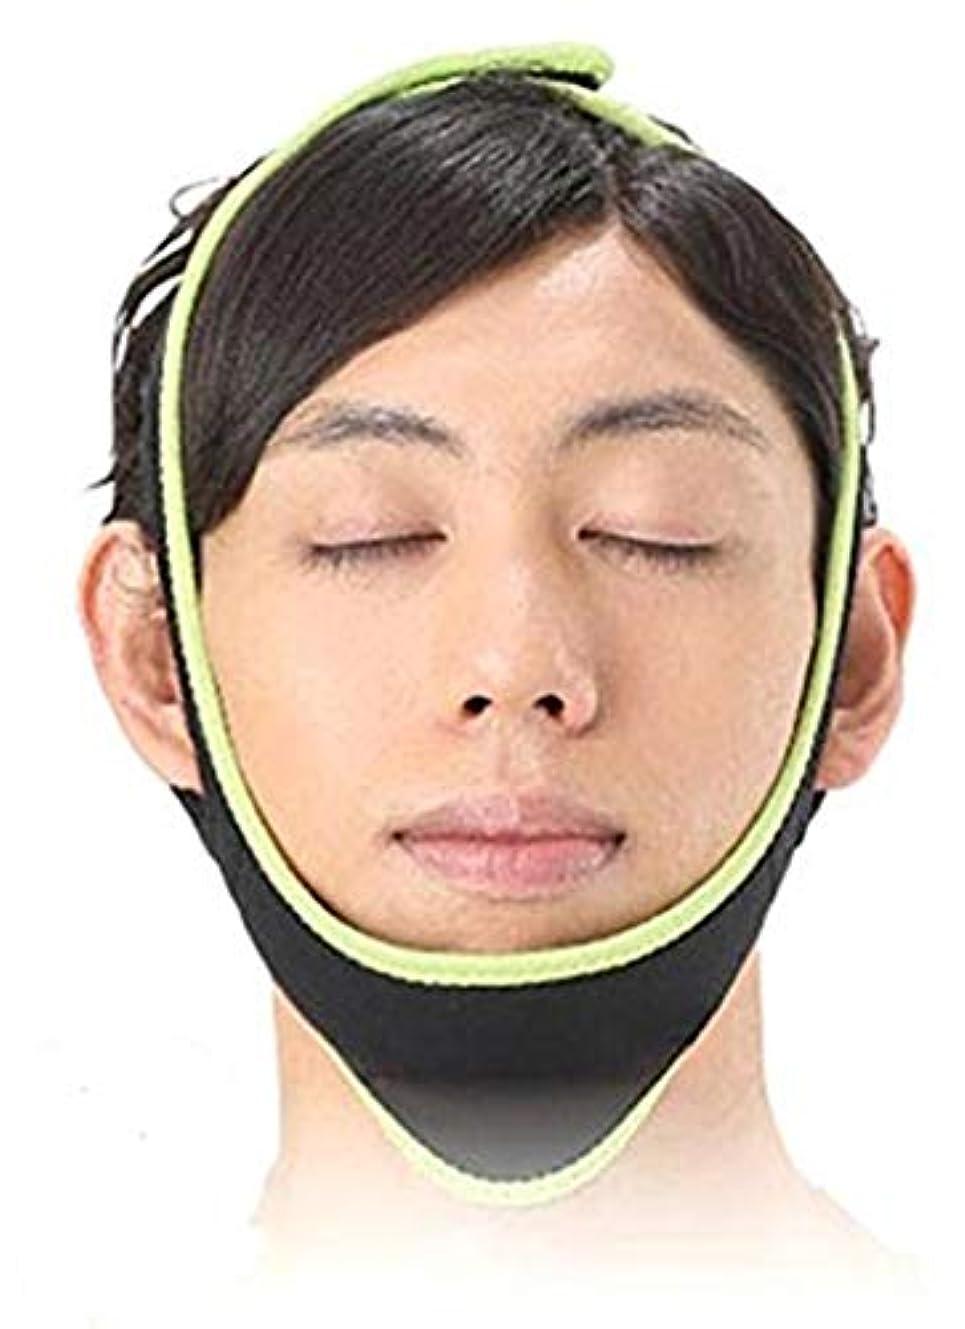 欠伸明示的に構成員CREPUSCOLO 小顔へ! 小顔リフトアップ ベルト 小顔マスク 小顔コルセット 小顔矯正 美容グッズ 美顔器 メンズ